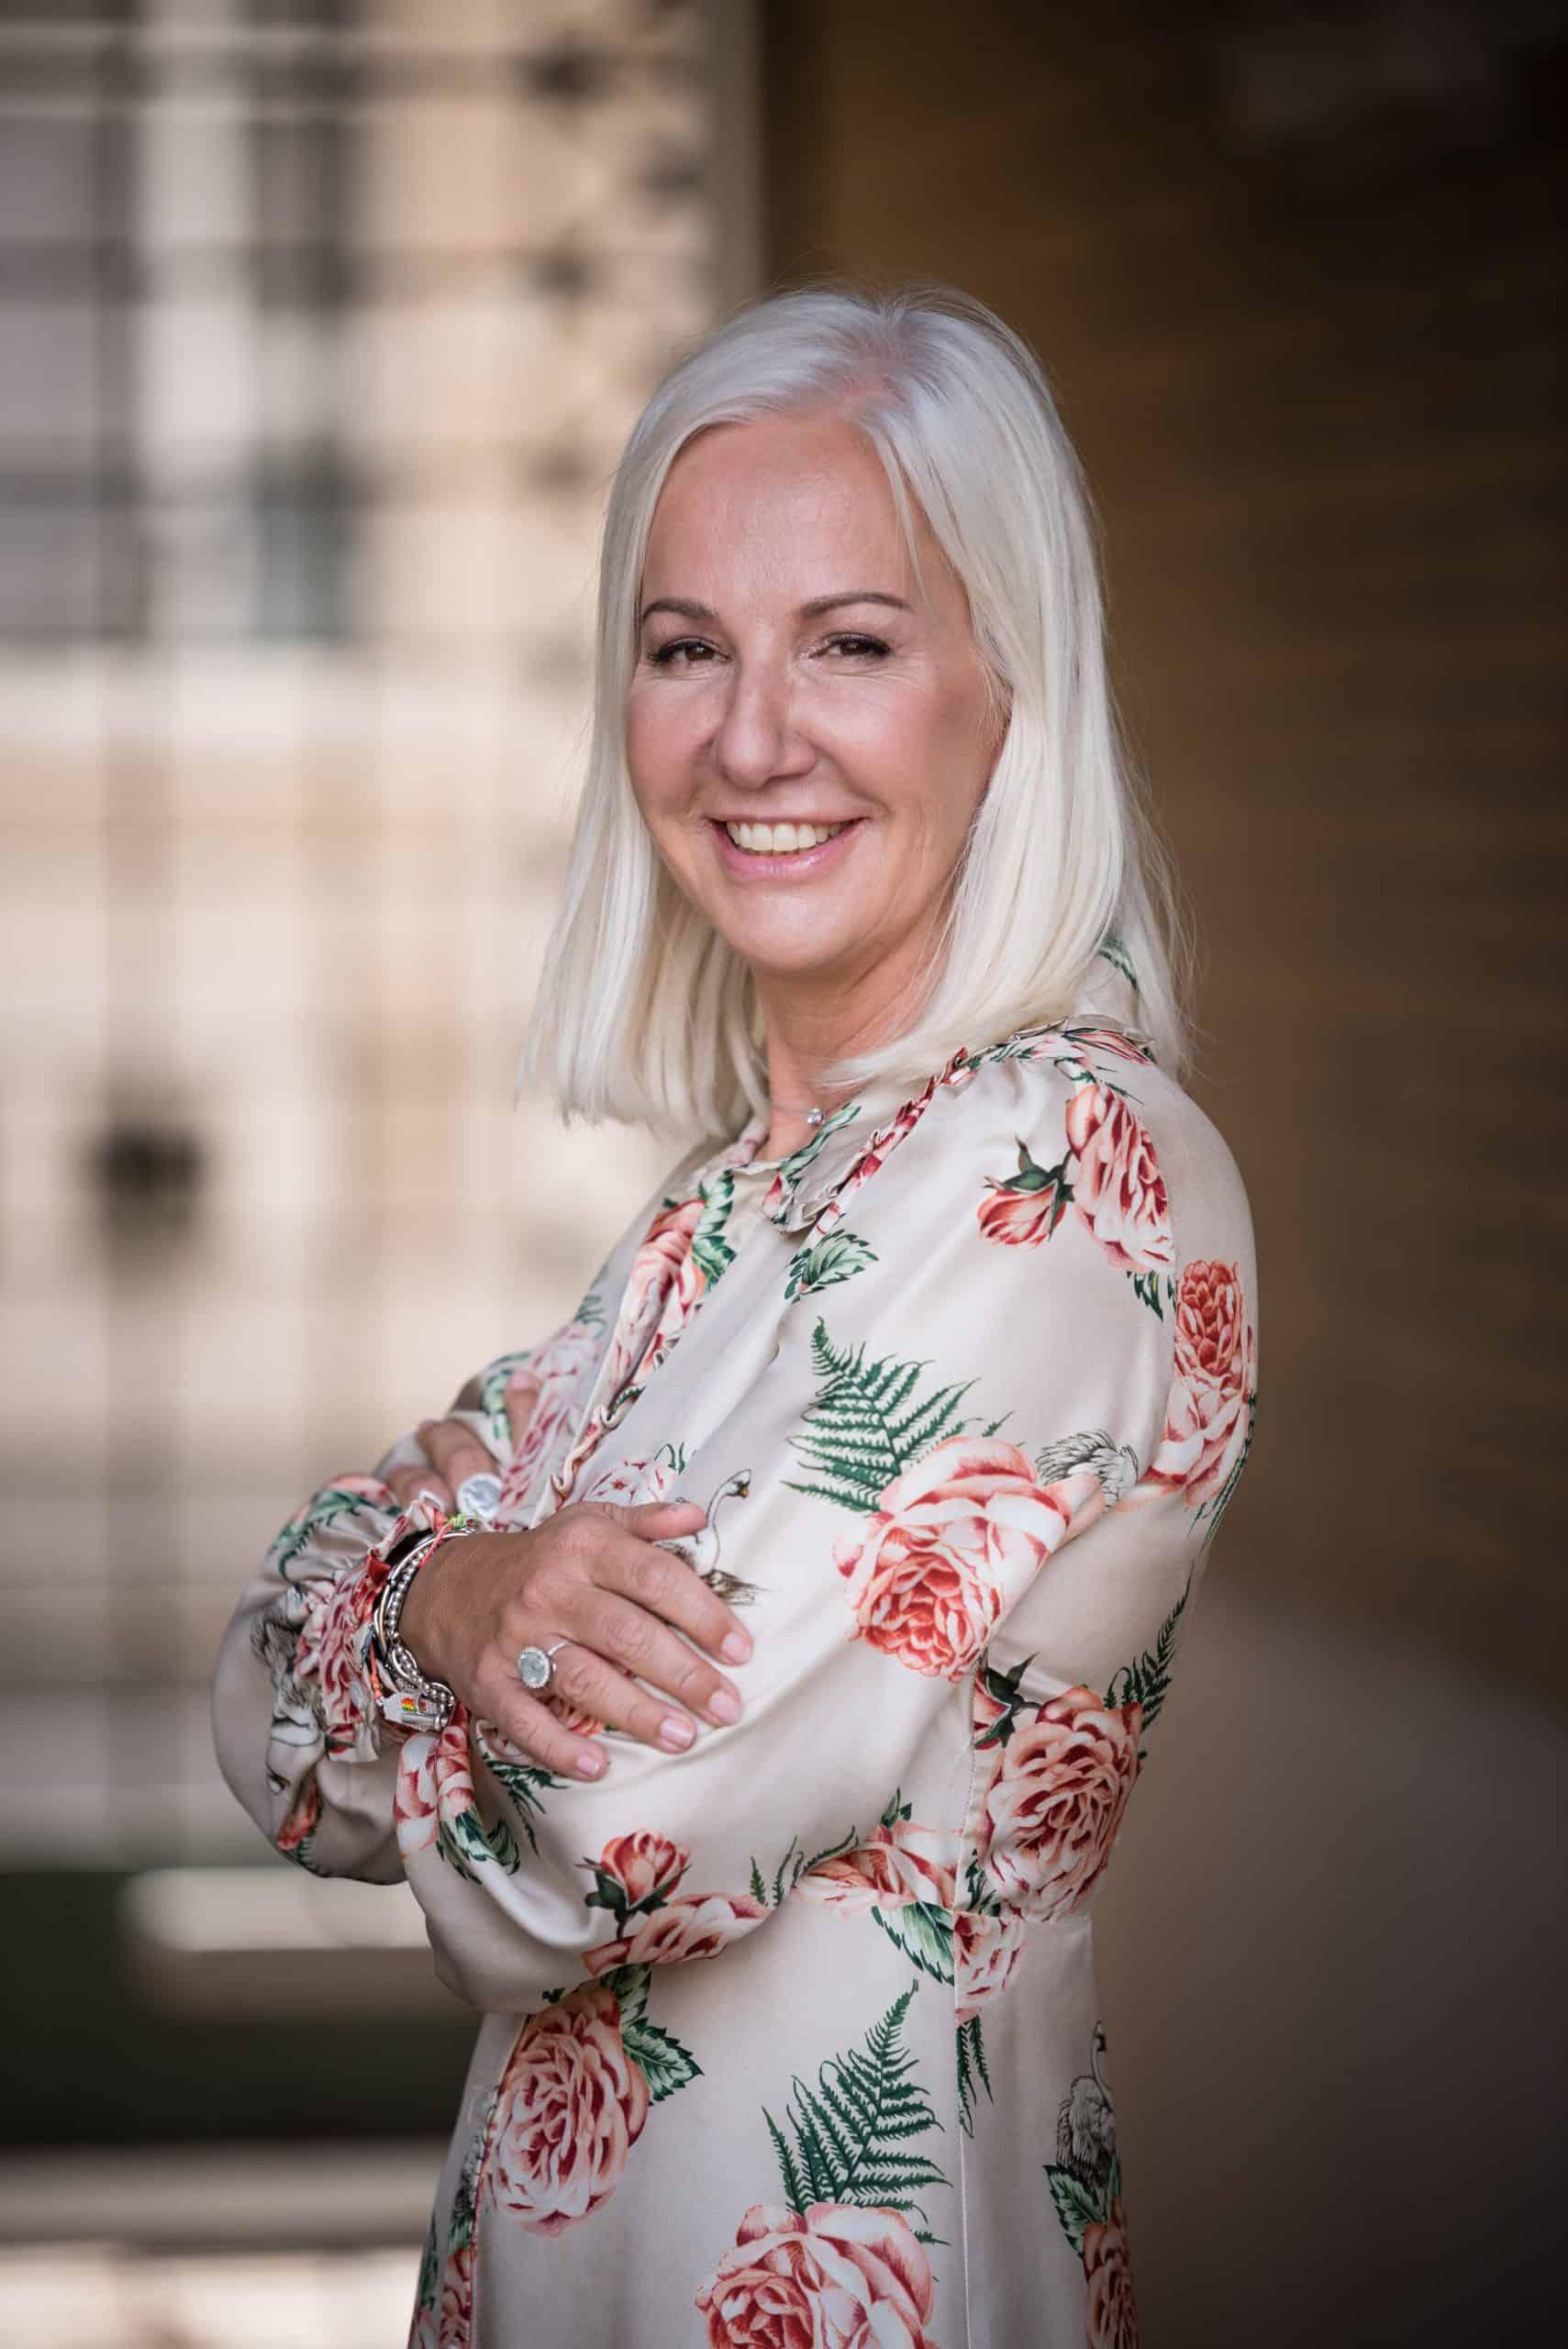 Iris Van der Veken, Executive Director of RJC